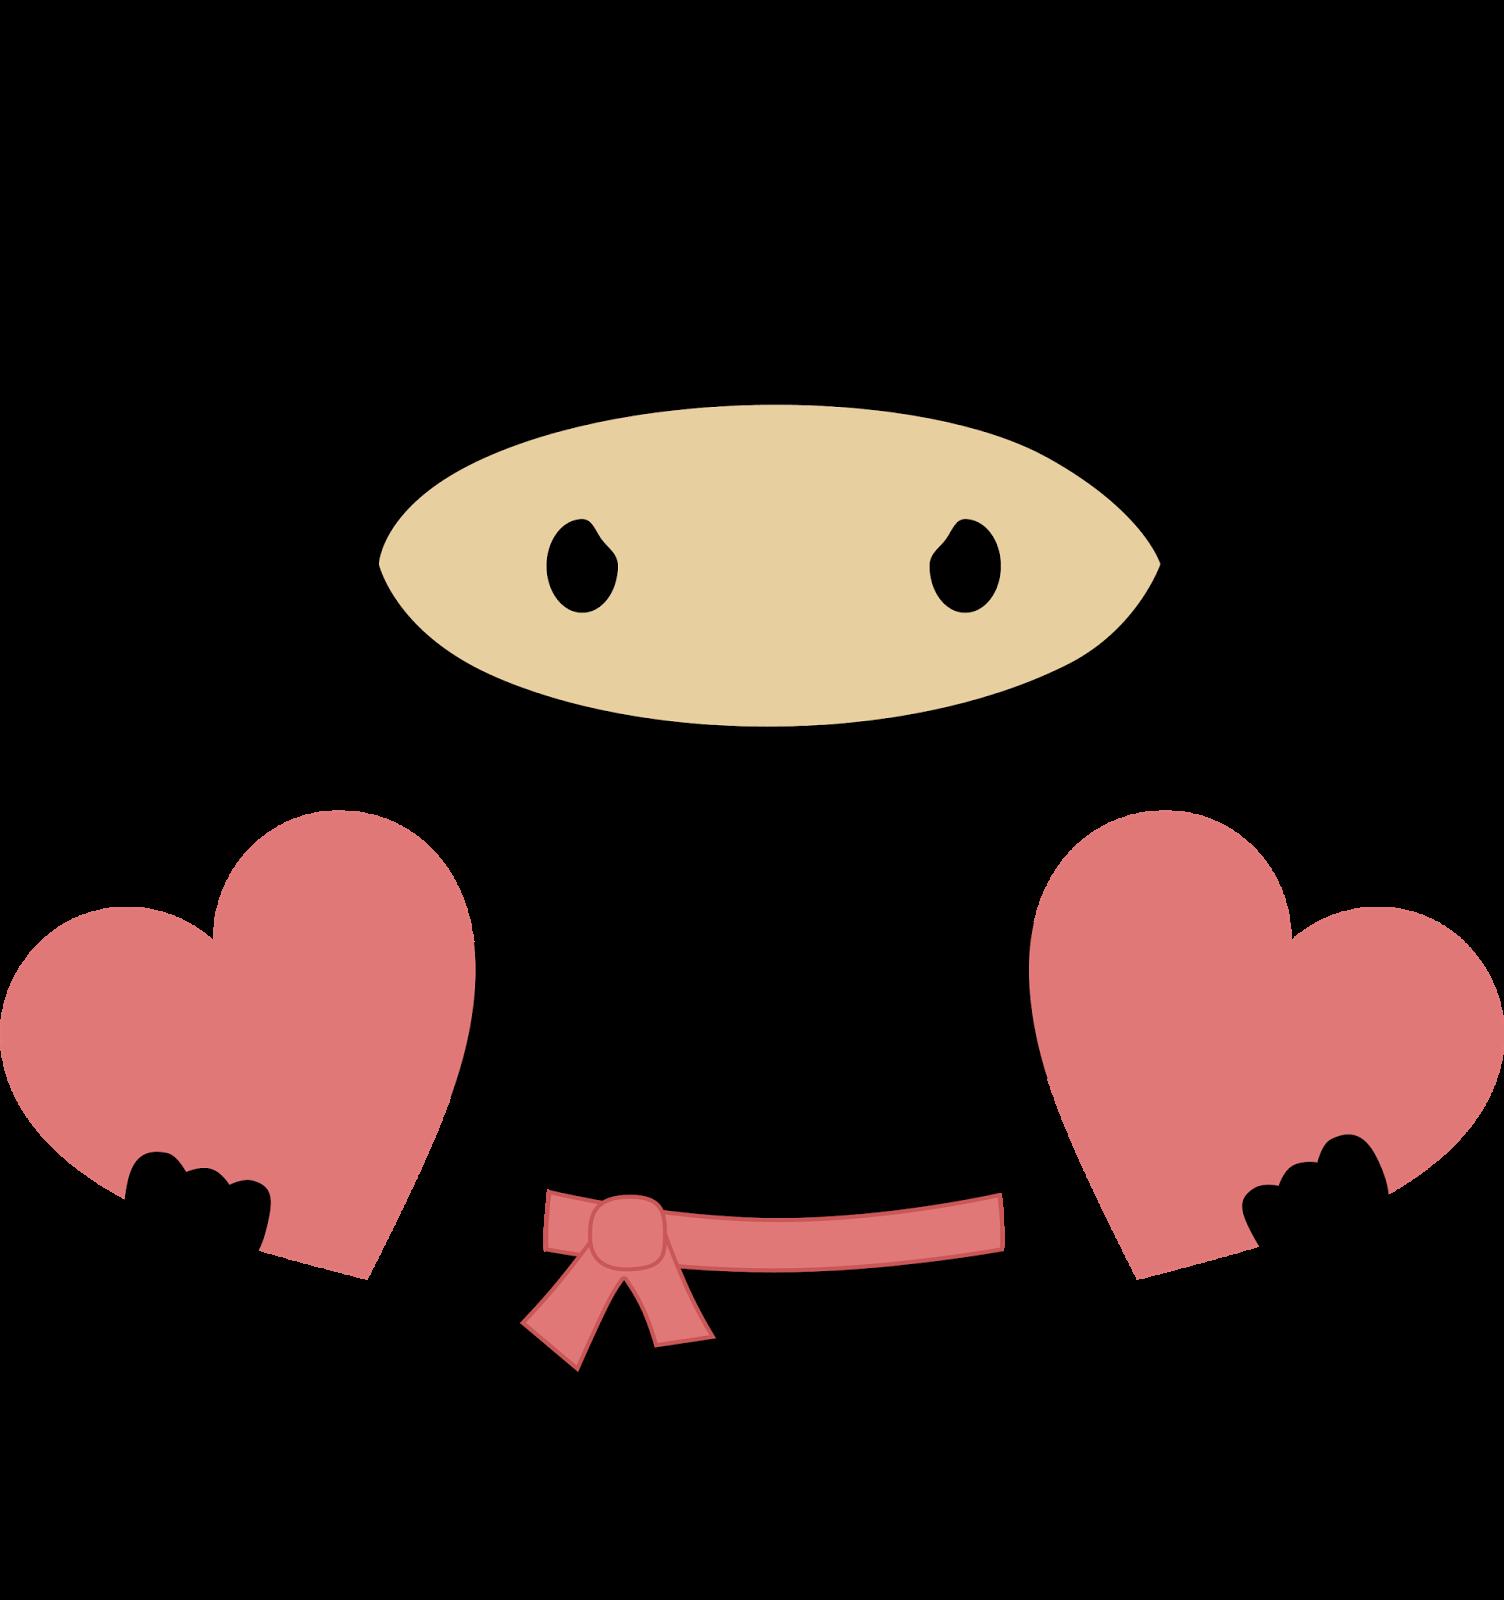 Halloween ninja clipart clip art download Ninja in Love Clipart. - Oh My Fiesta! for Geeks clip art download